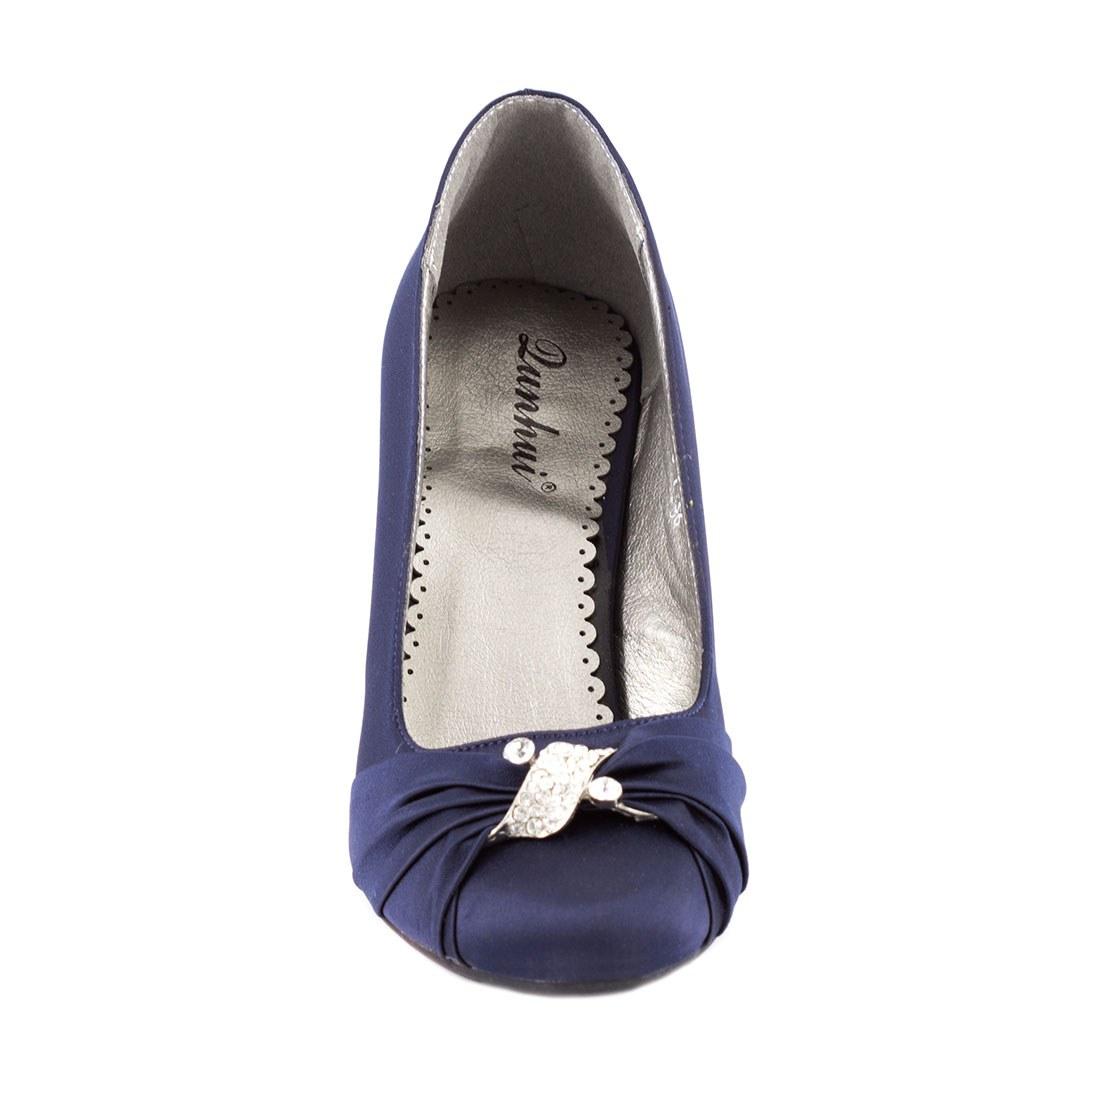 Pantofi dama cu toc A07168-7NAVY